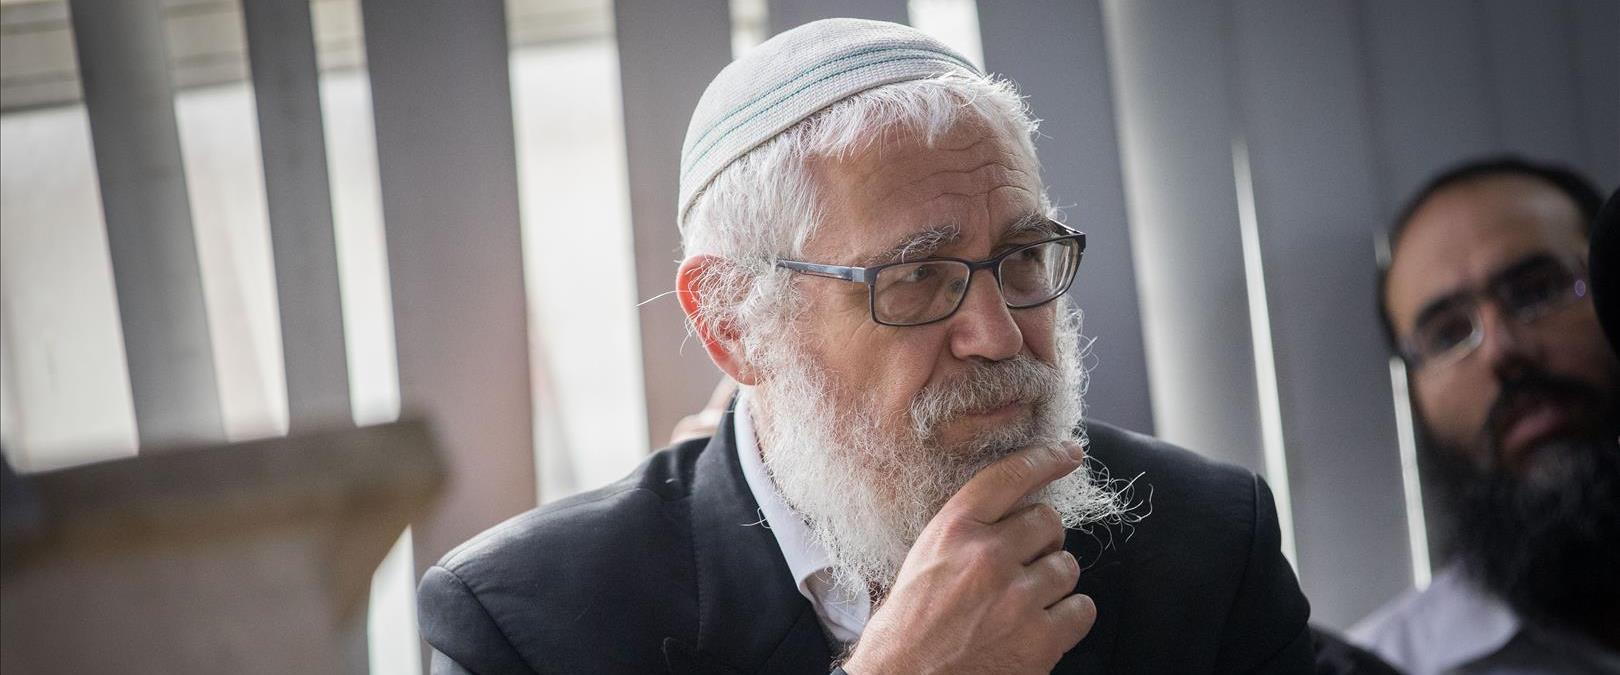 הרב מוטי אלון, ארכיון